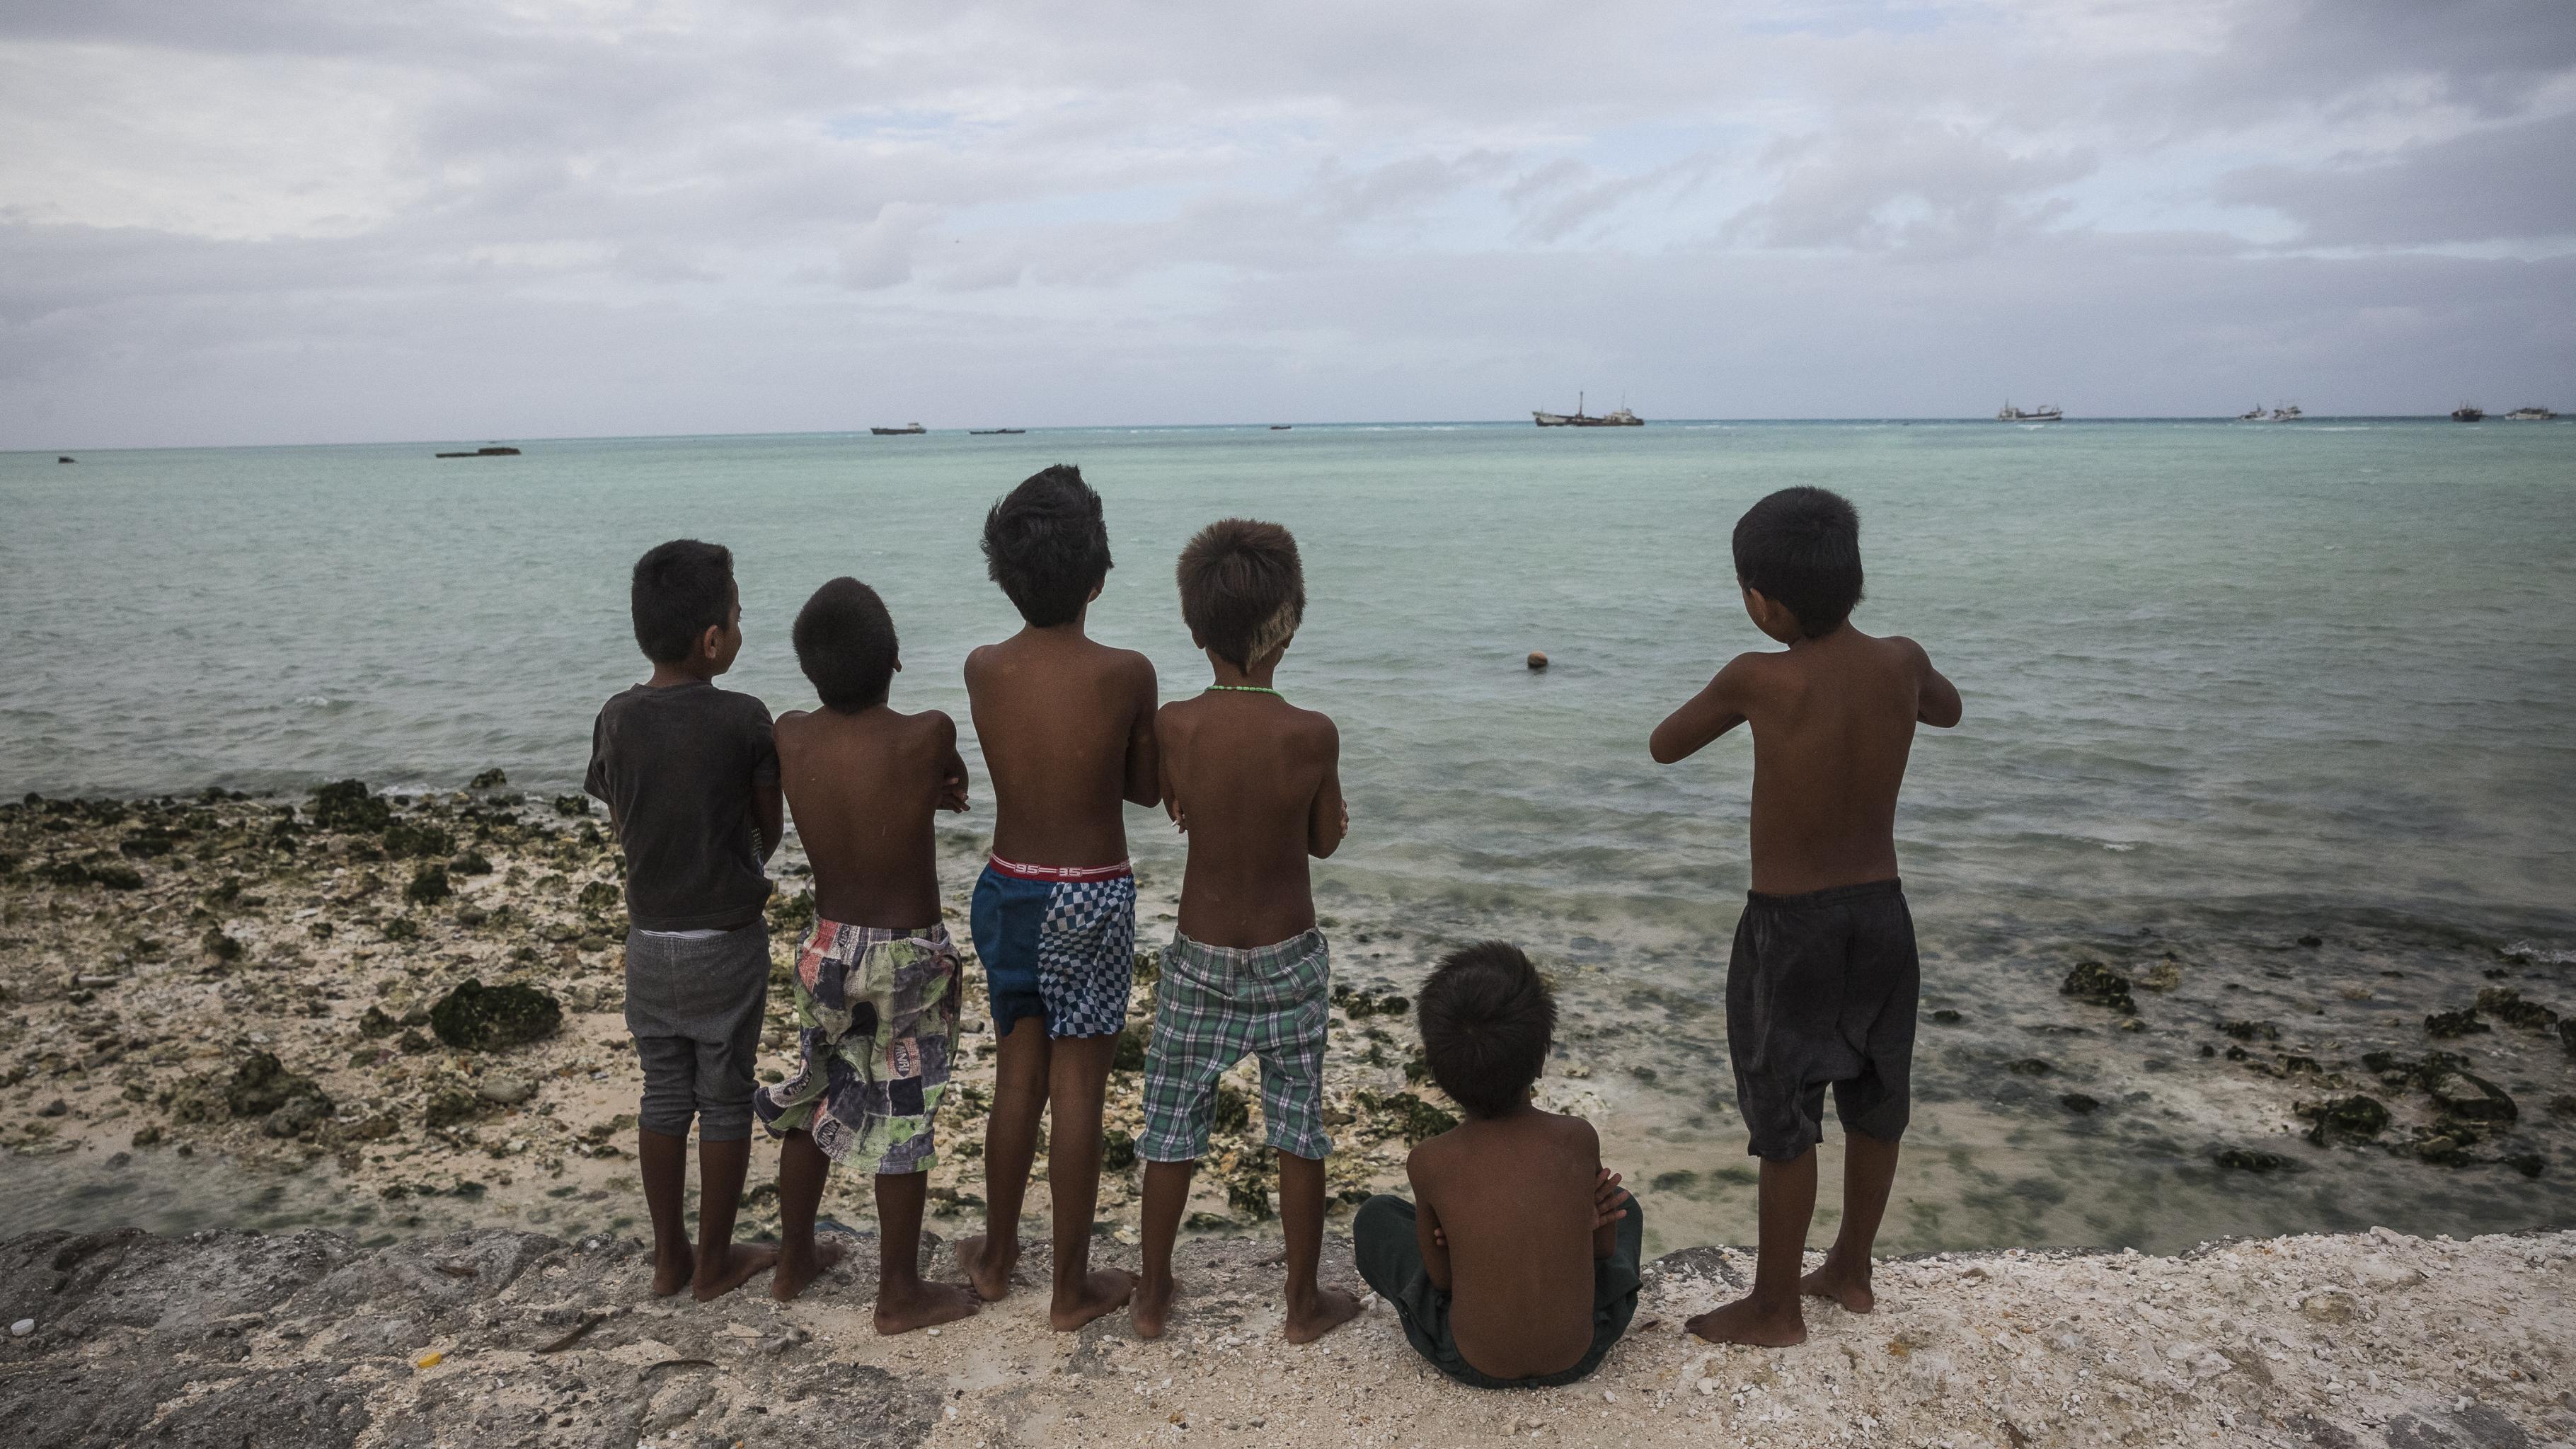 Ein Kind sitzt und fünf Kinder stehen auf einem Damm und blicken auf das Meer.